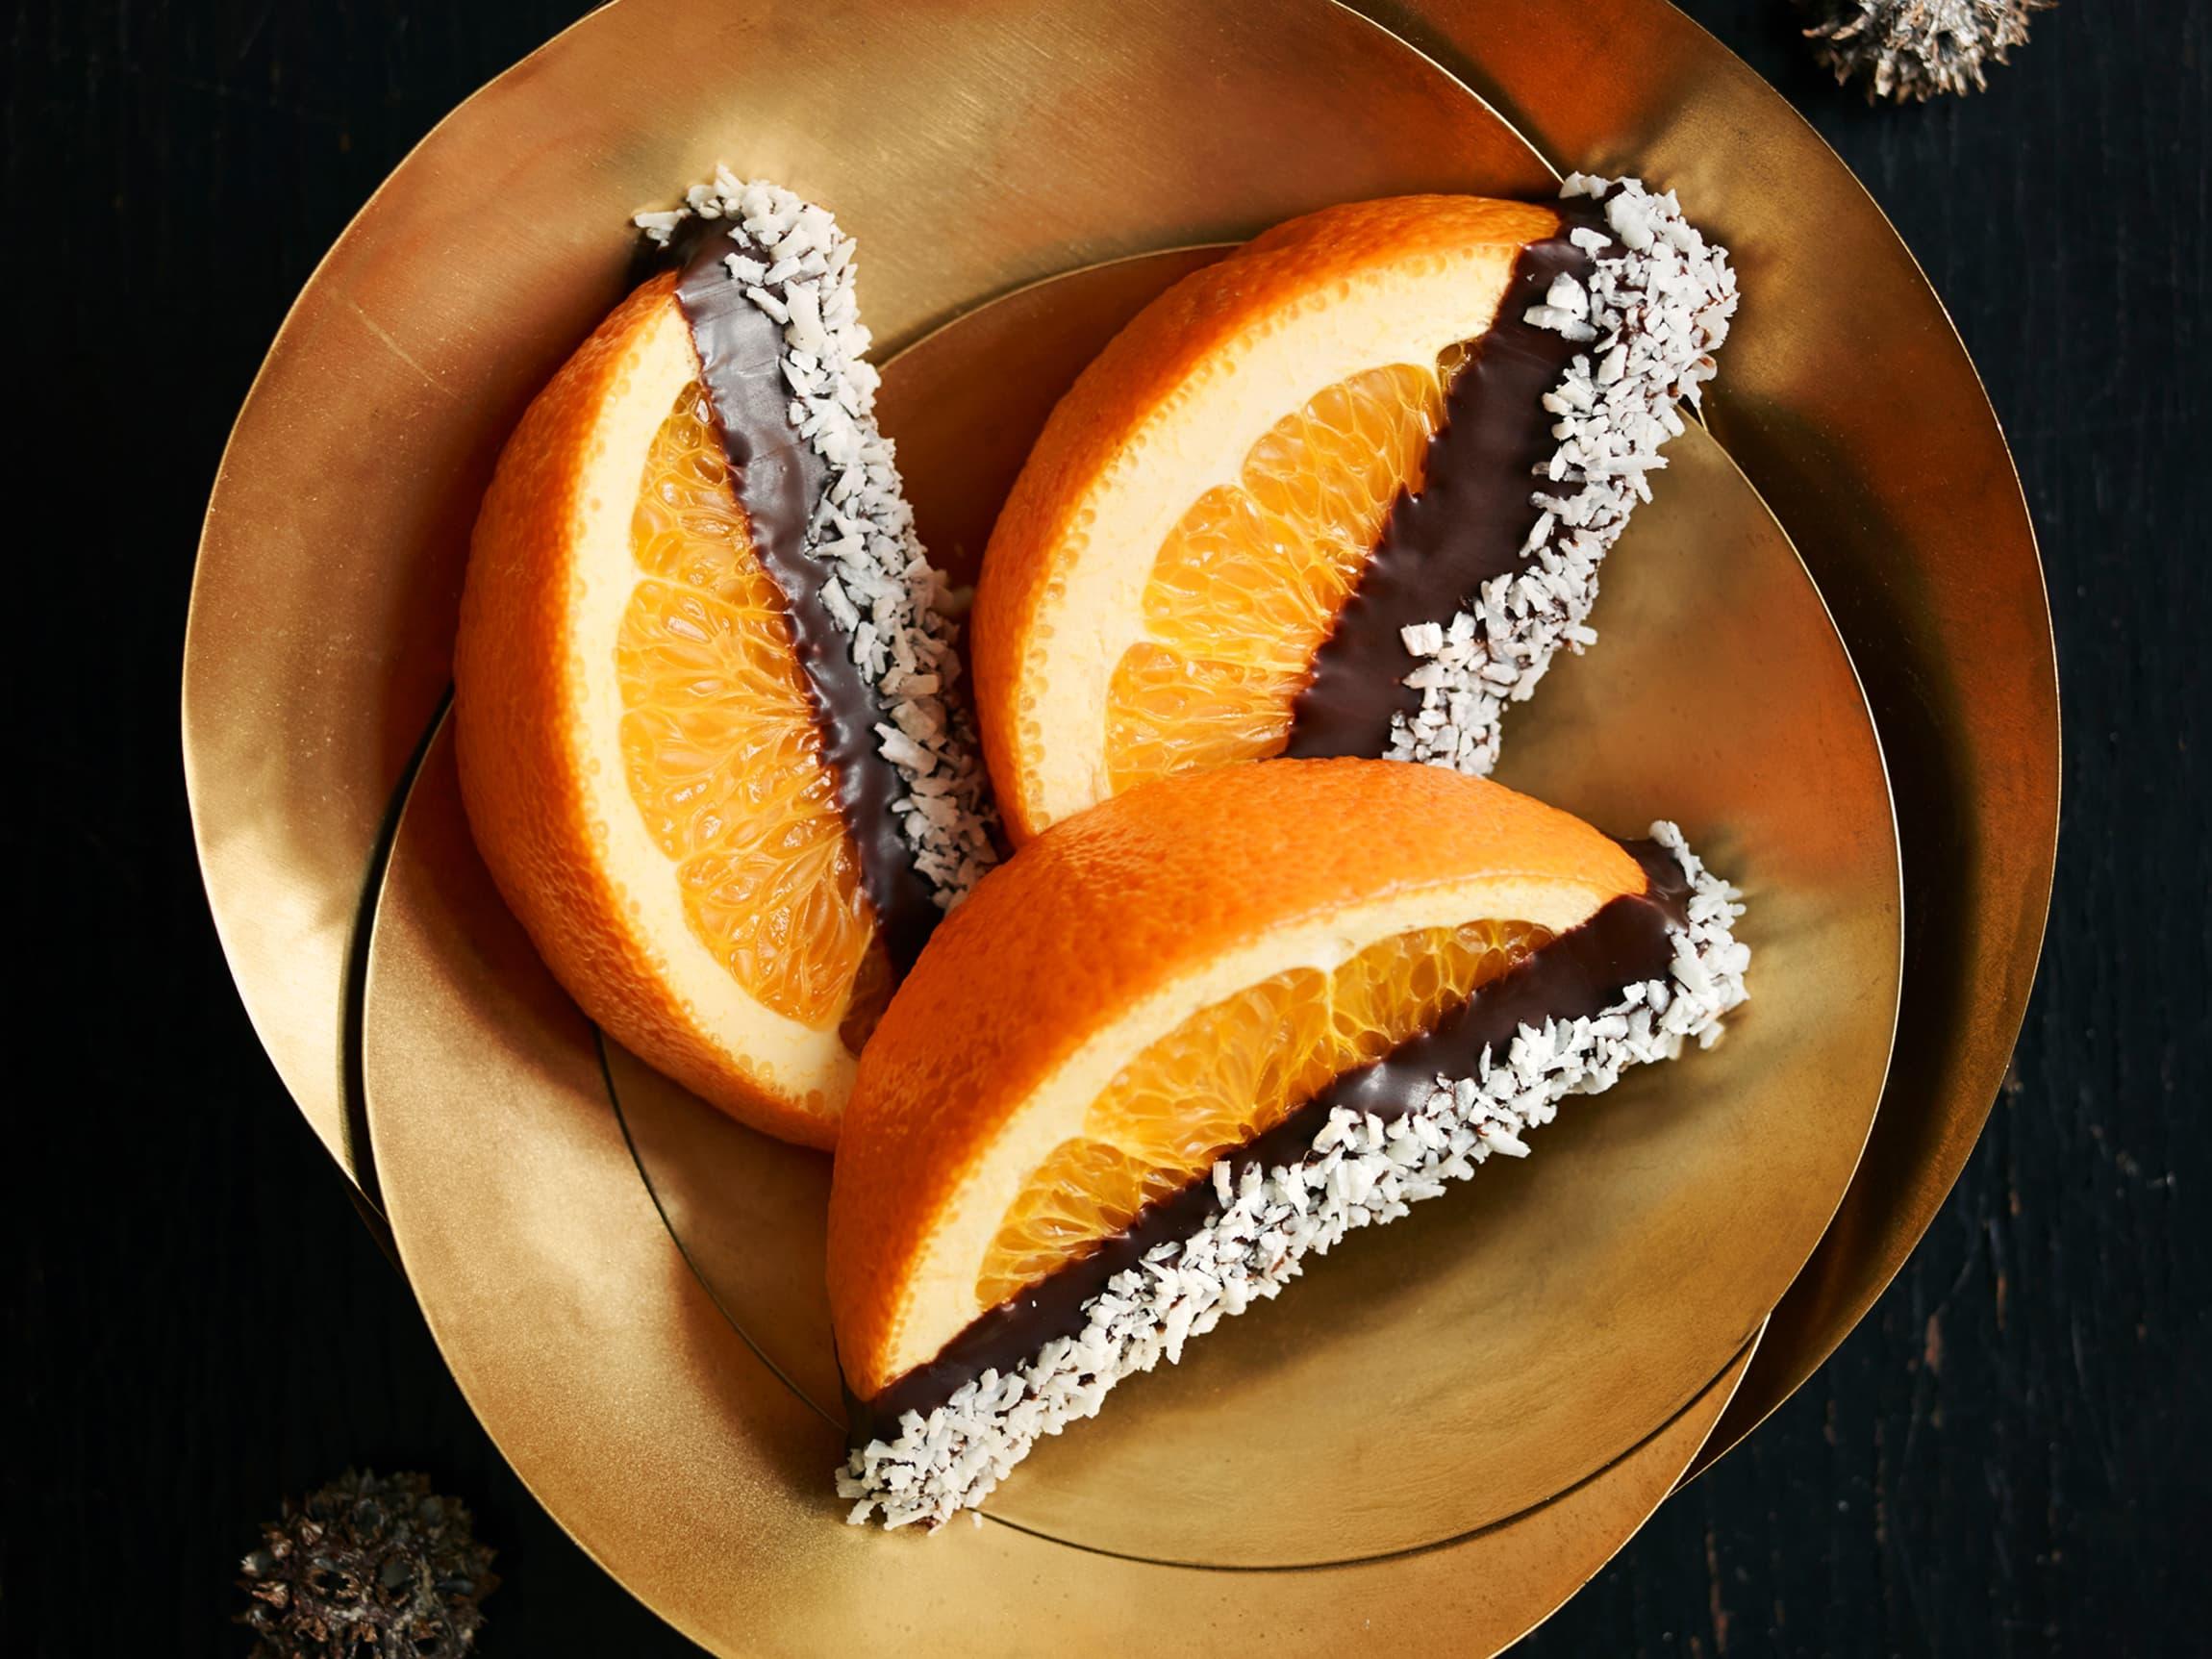 Appelsin og sjokolade er en uslåelig kombinasjon.